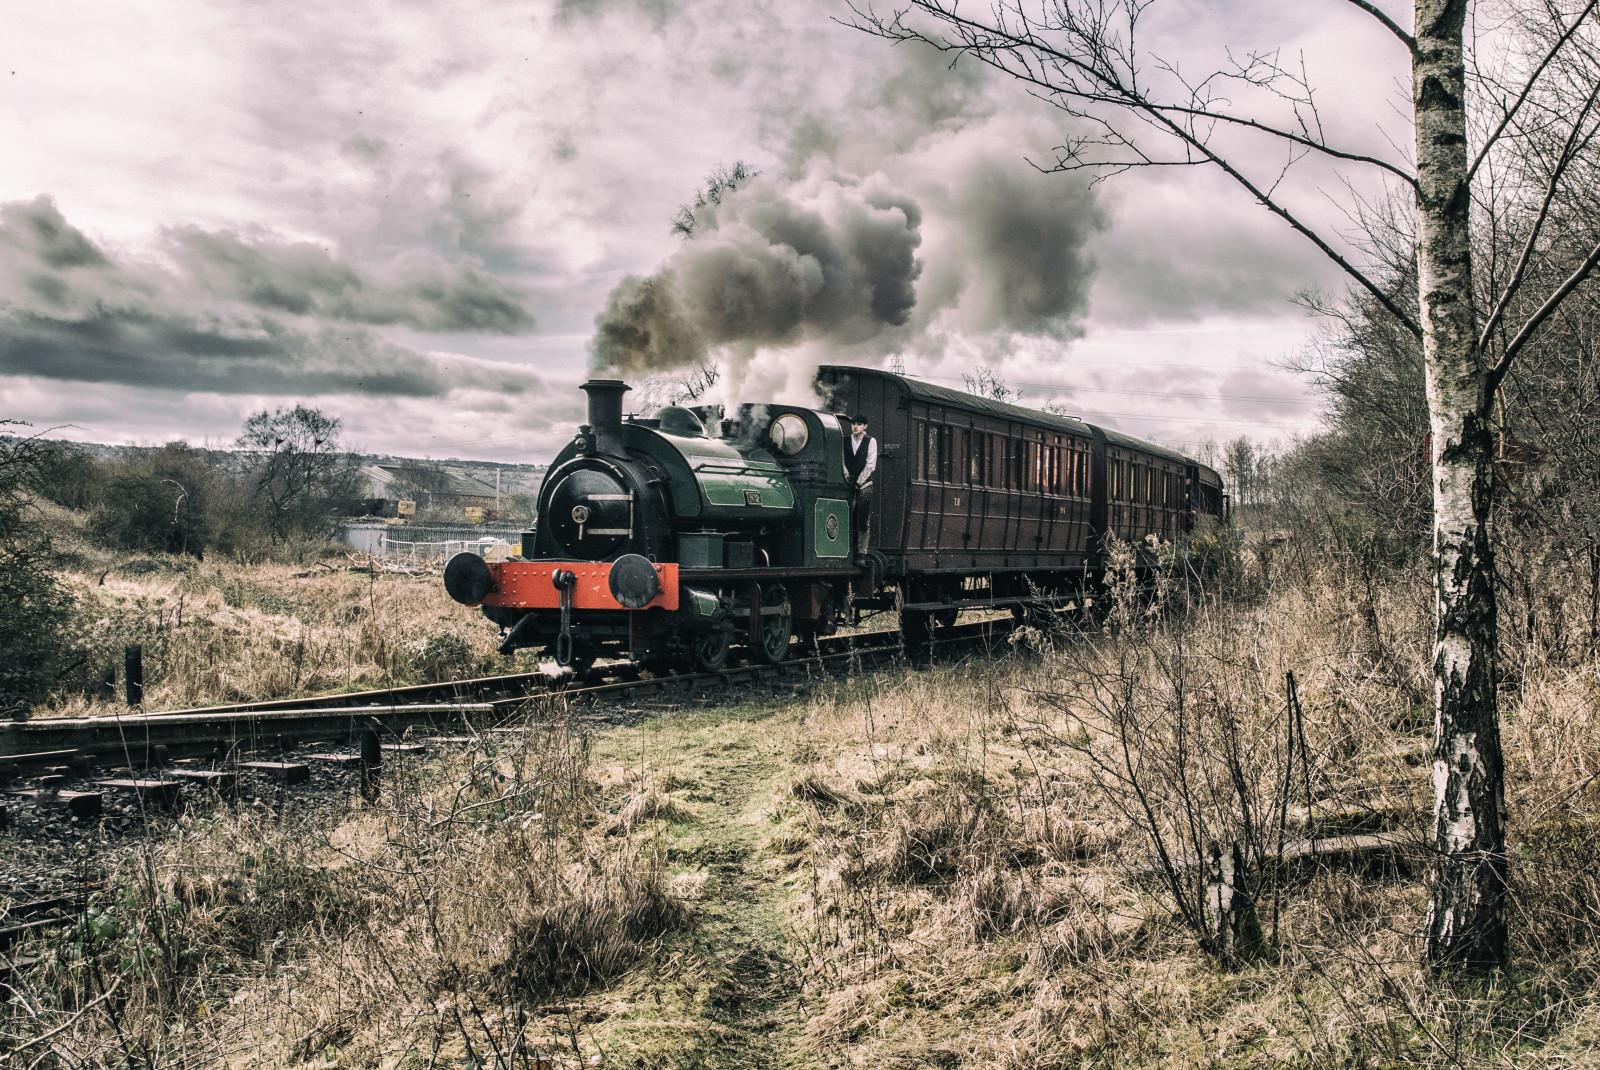 Sfondi  paesaggio veicolo treno ferrovia industriale locomotiva Leslie albero treni motore a vapore pianta traccia carbone area